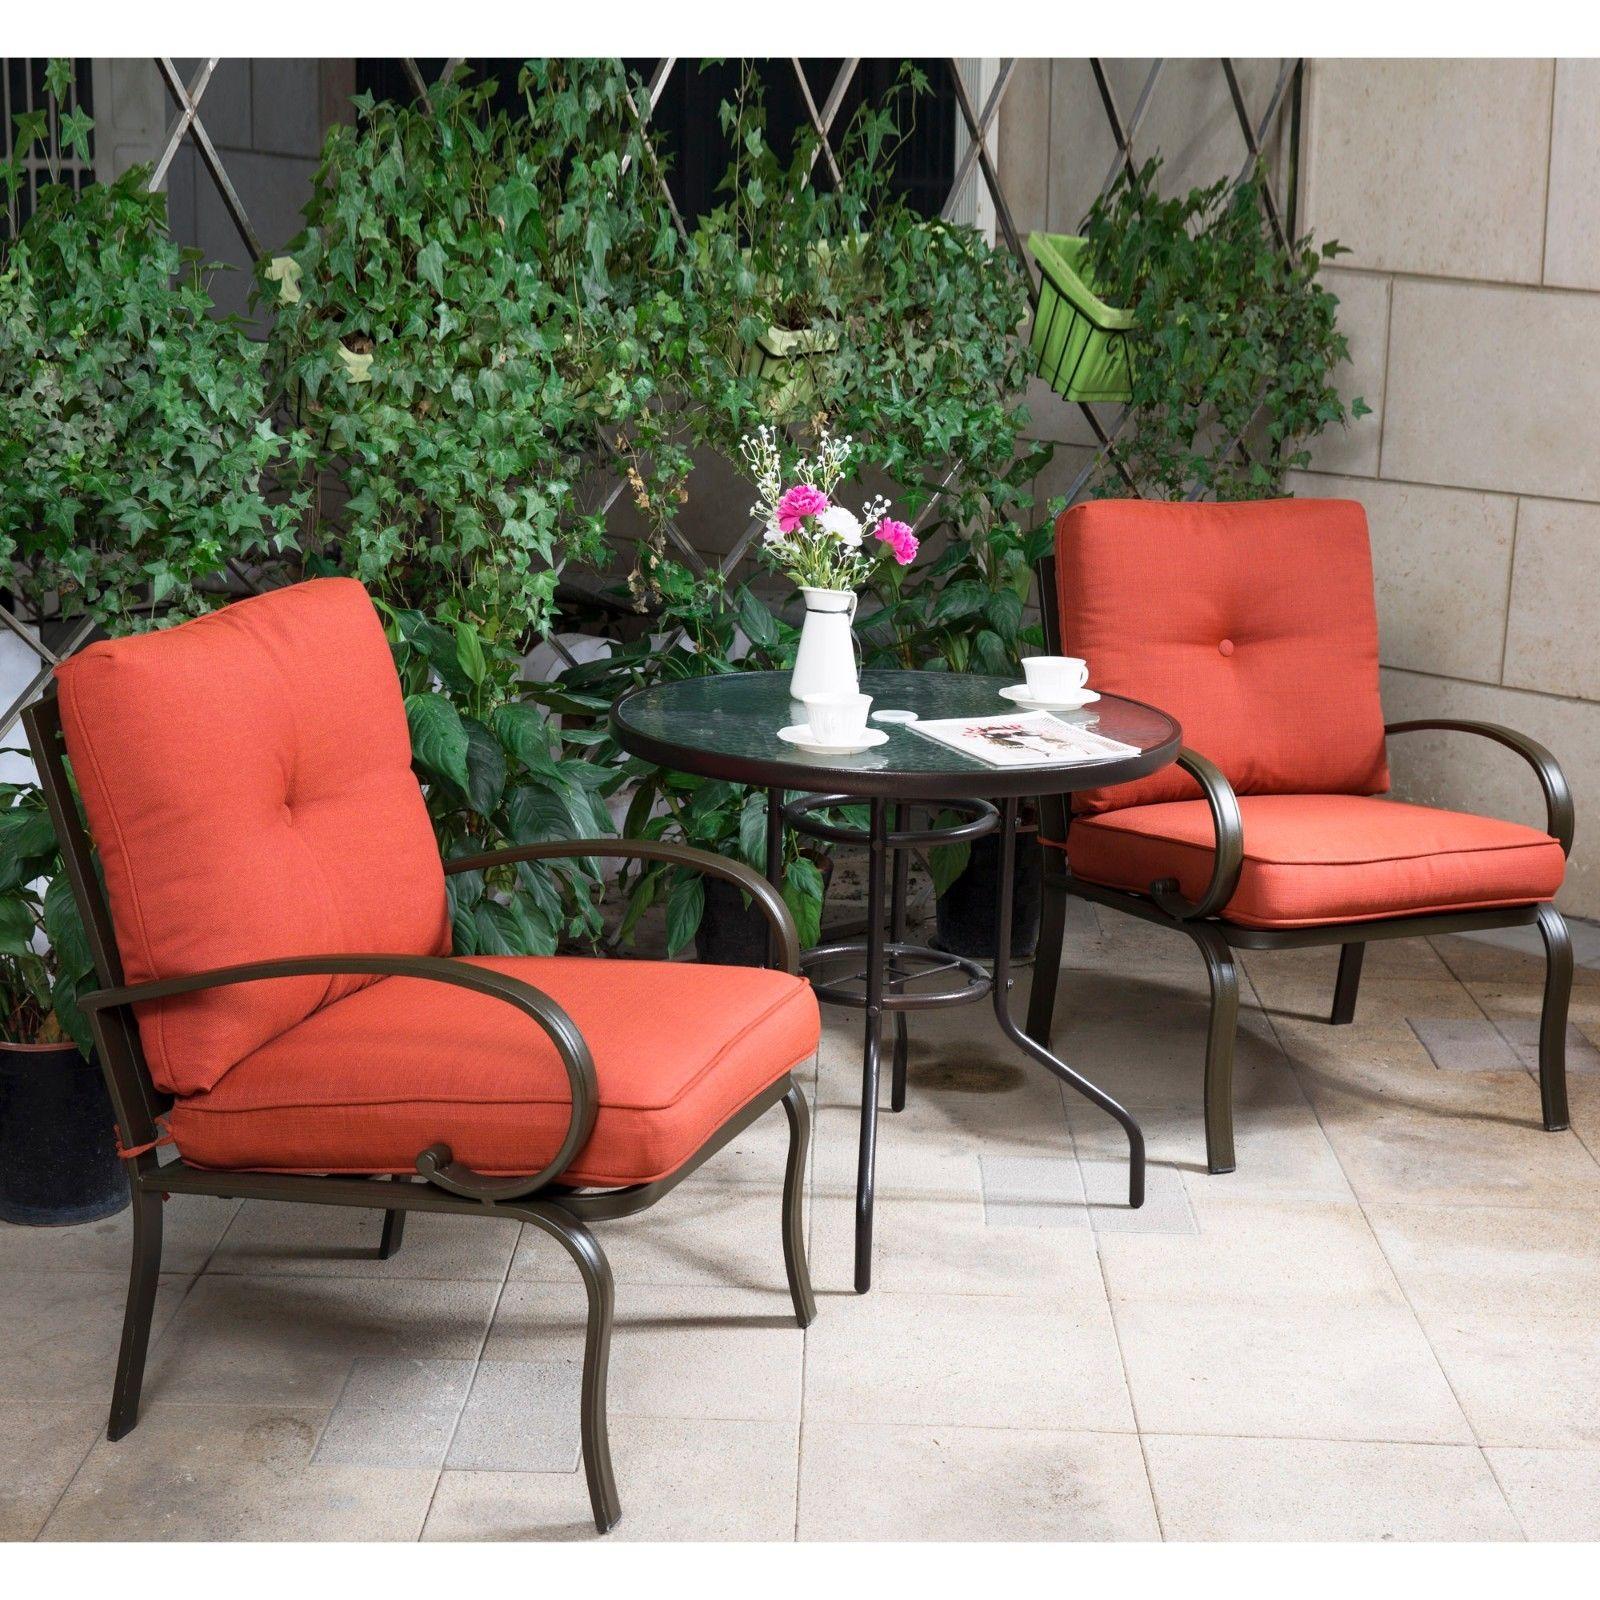 Bistro Set Garden Furniture 3 pc bistro set outdoor garden patio furniture dining set chairs w 3 pc bistro set outdoor garden patio furniture workwithnaturefo